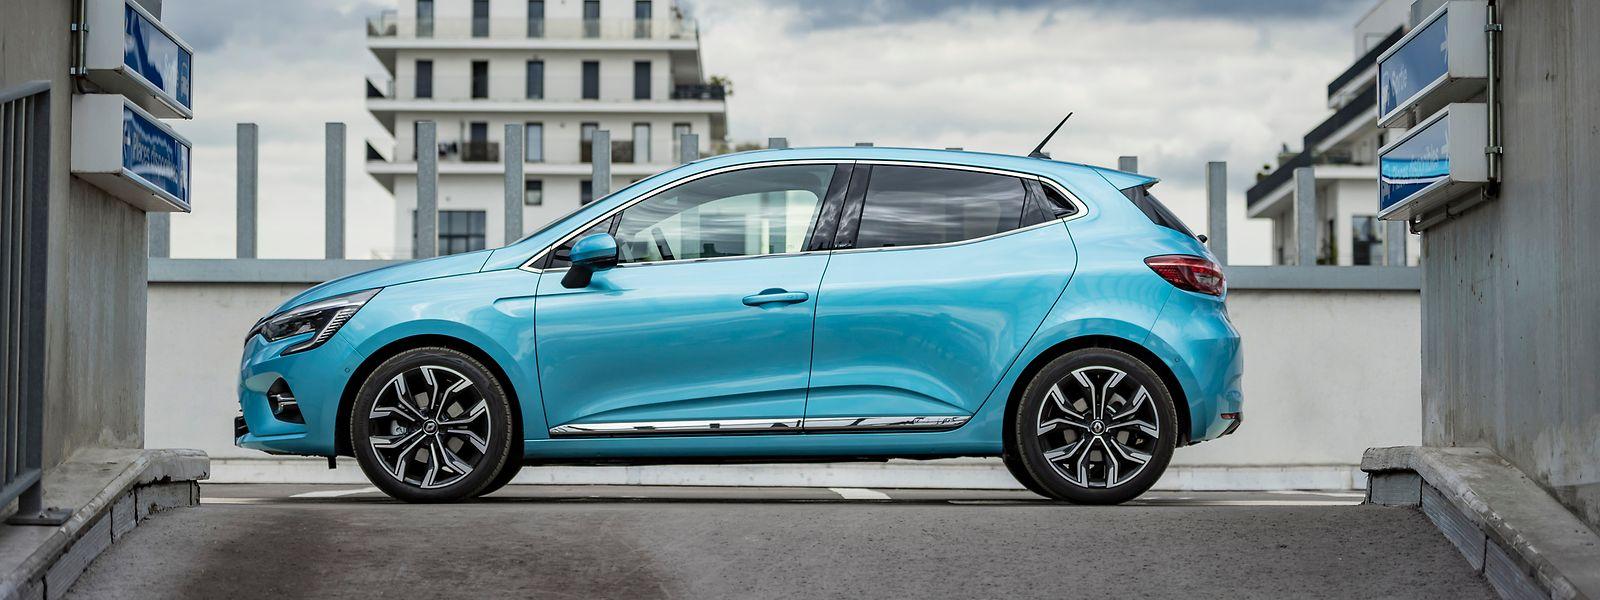 Der Clio E-Tech 140 ist das erste von zwölf Renault-Serienfahrzeugen, das sowohl mit einem Verbrennungsmotor als auch mit einem Hybridantrieb erhältlich ist.